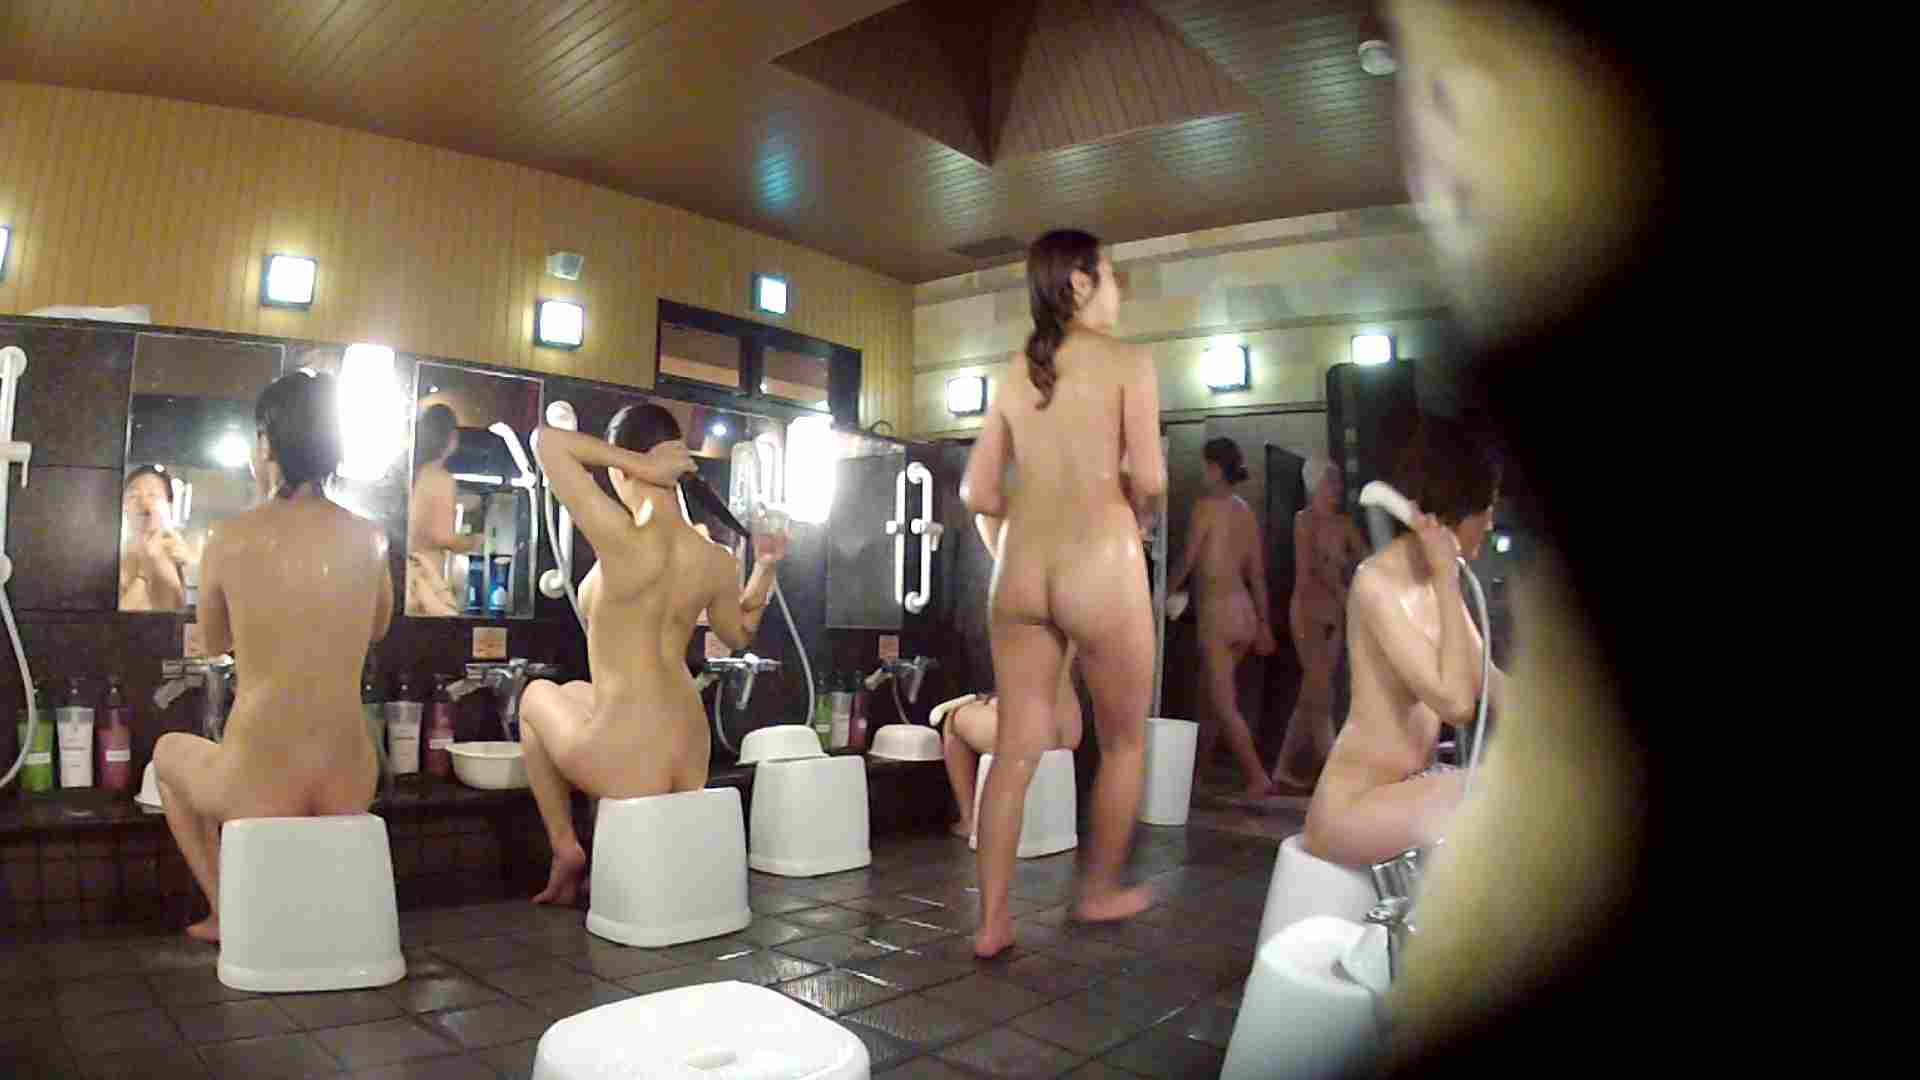 ハイビジョン 洗い場!清楚です!絶対処女です・・・であって欲しい。 銭湯のぞき 性交動画流出 49画像 15